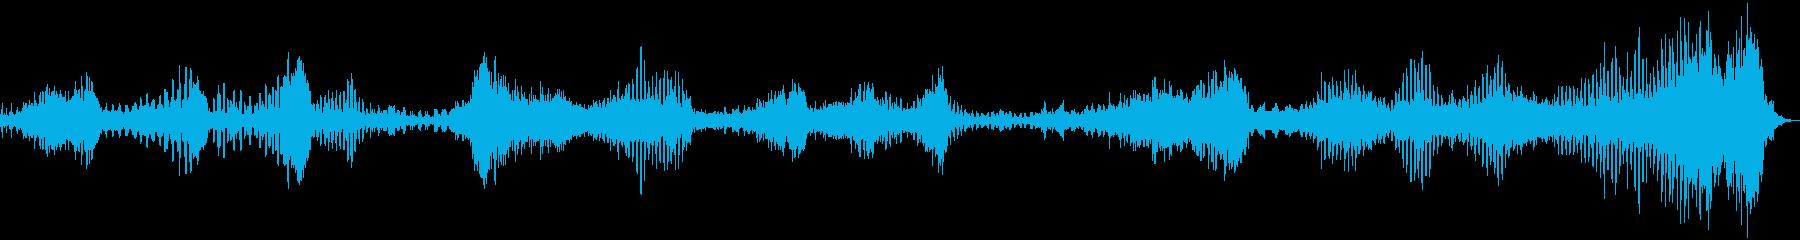 【ホラー】 【映画】 テクスチャの再生済みの波形